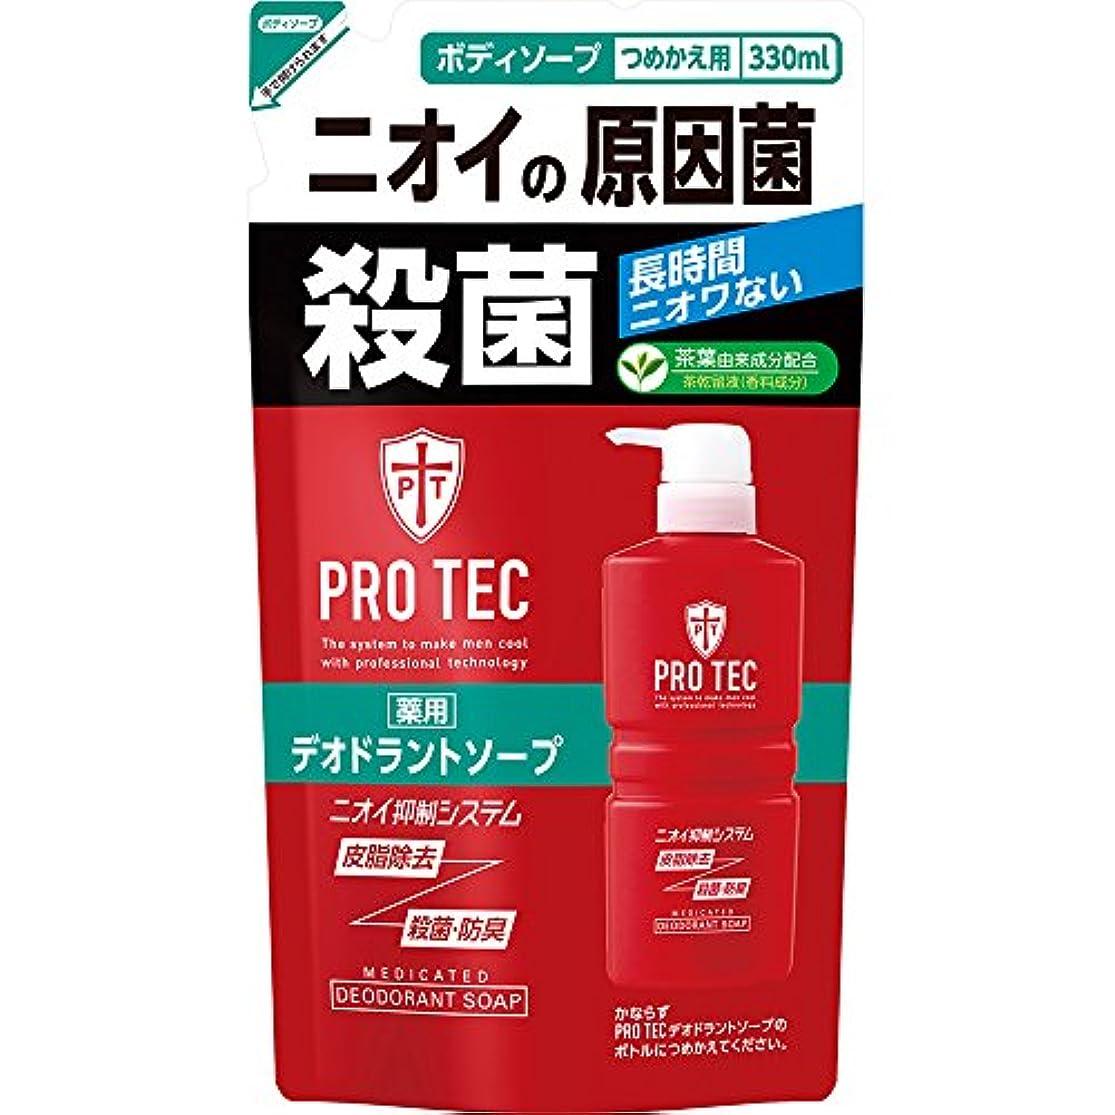 確かな裸キッチンPRO TEC(プロテク) デオドラントソープ 詰め替え 330ml(医薬部外品)